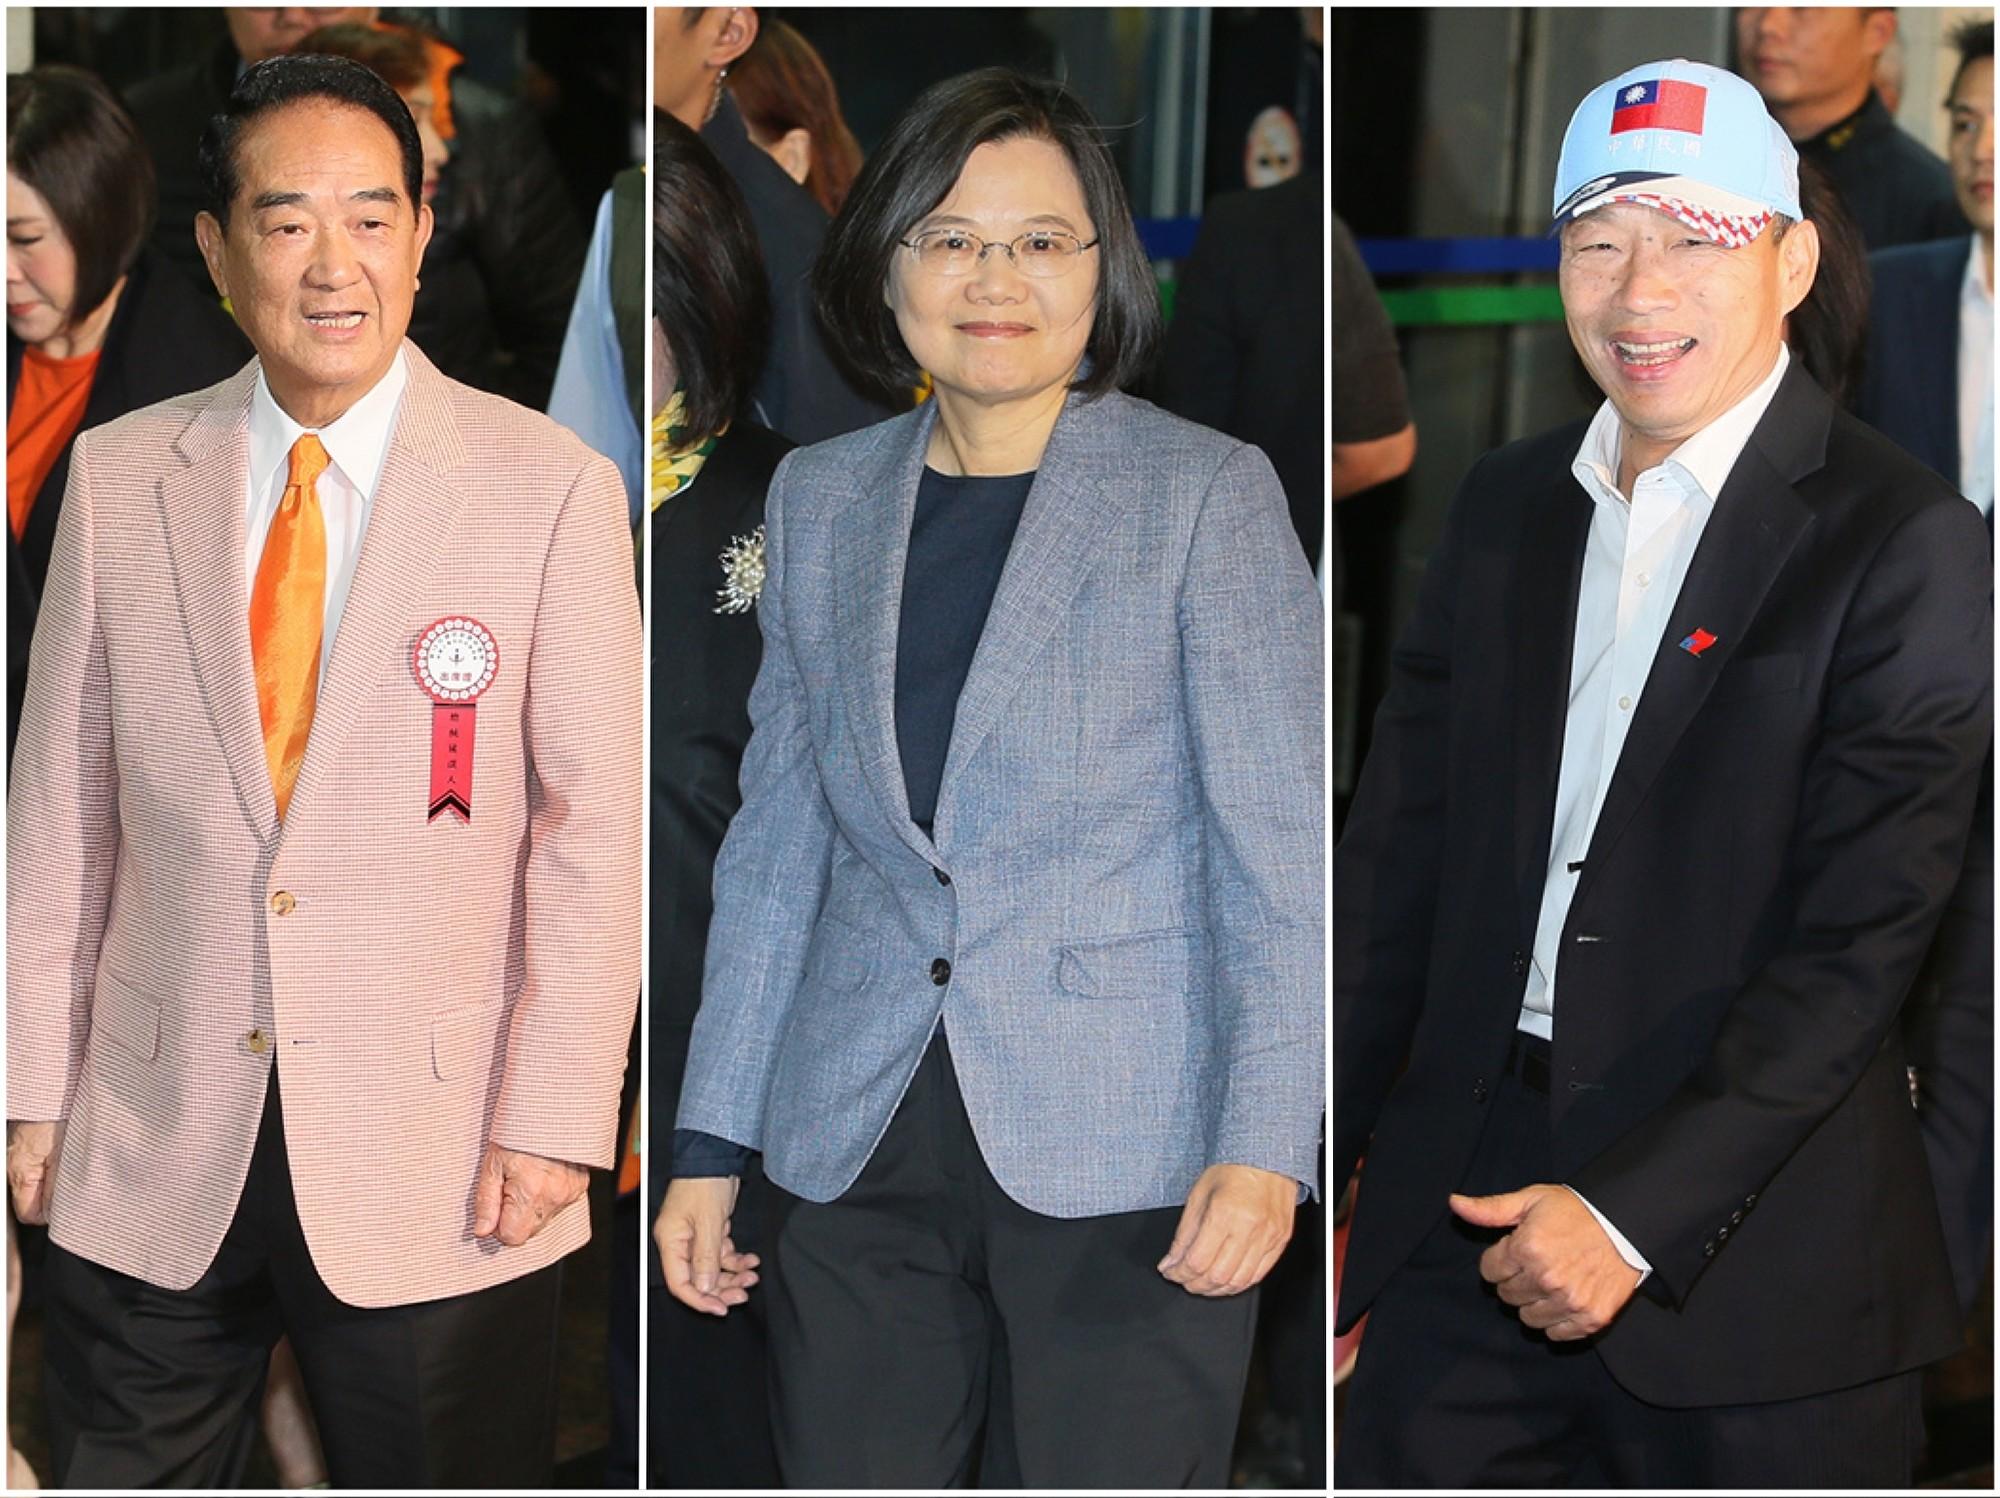 2020年1月大選投給誰 台灣商界及年輕一代在權衡